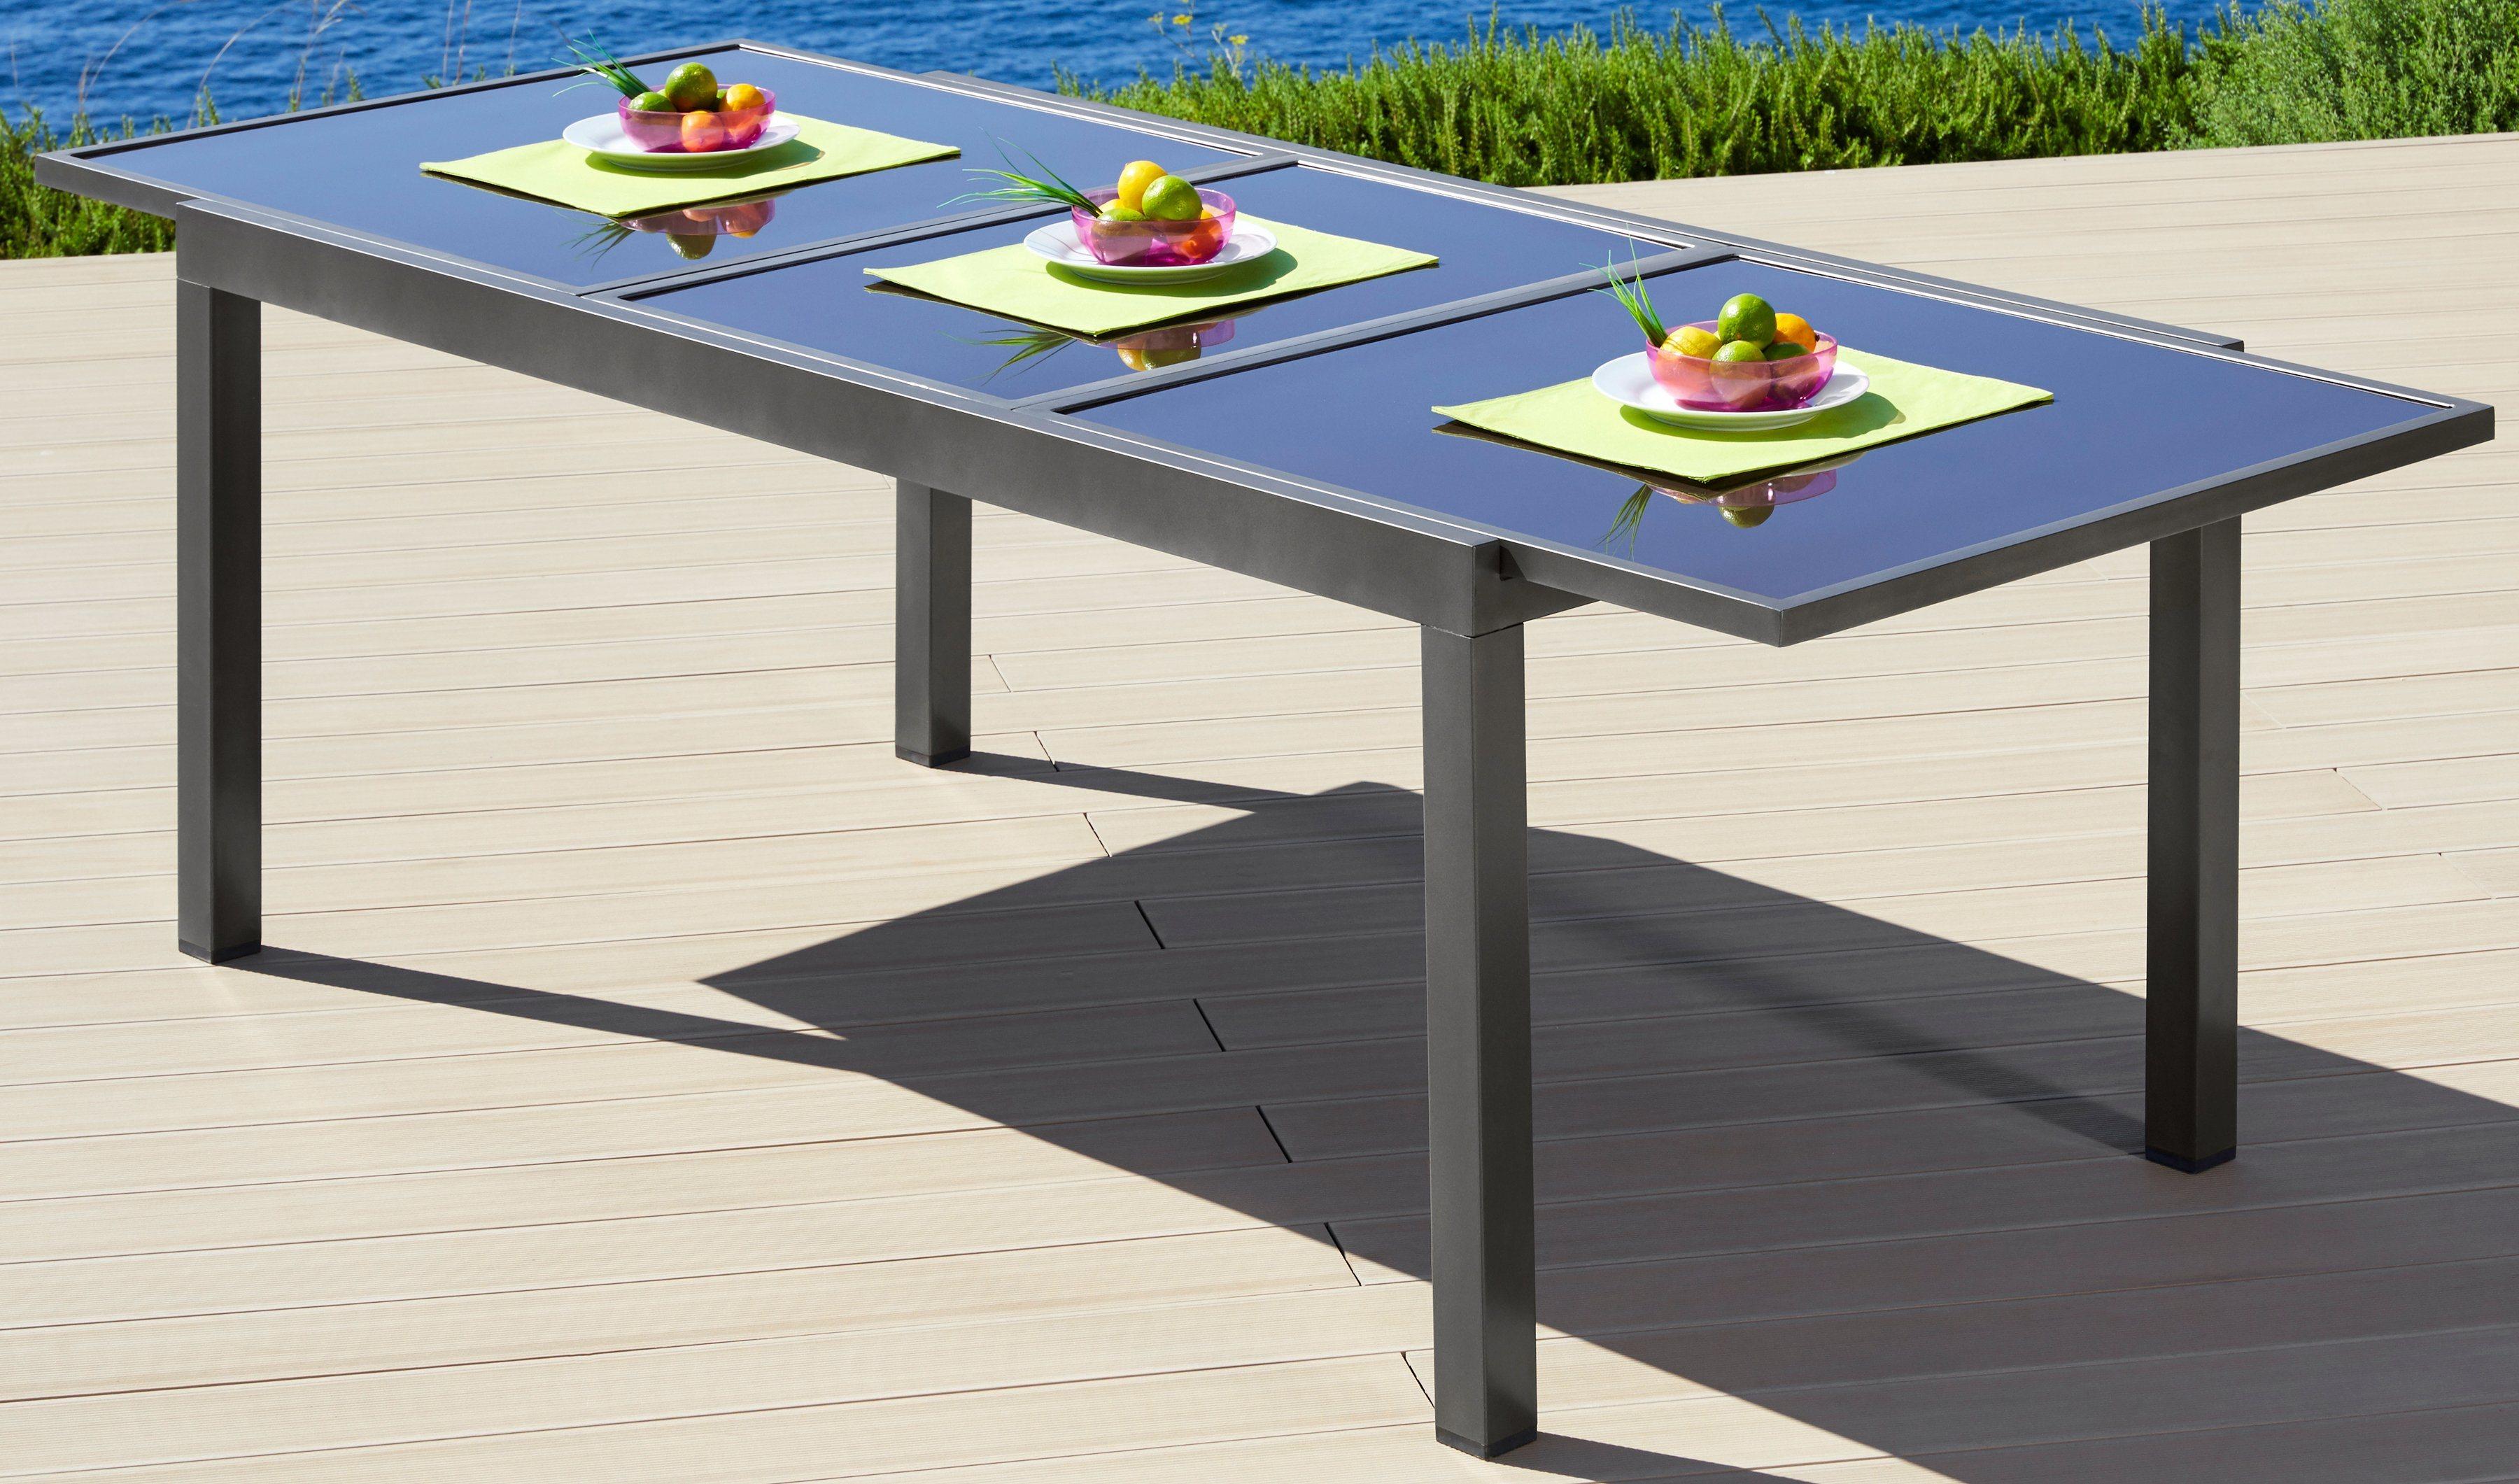 Gartentisch ausziehbar preisvergleich die besten for Gartentisch marmor